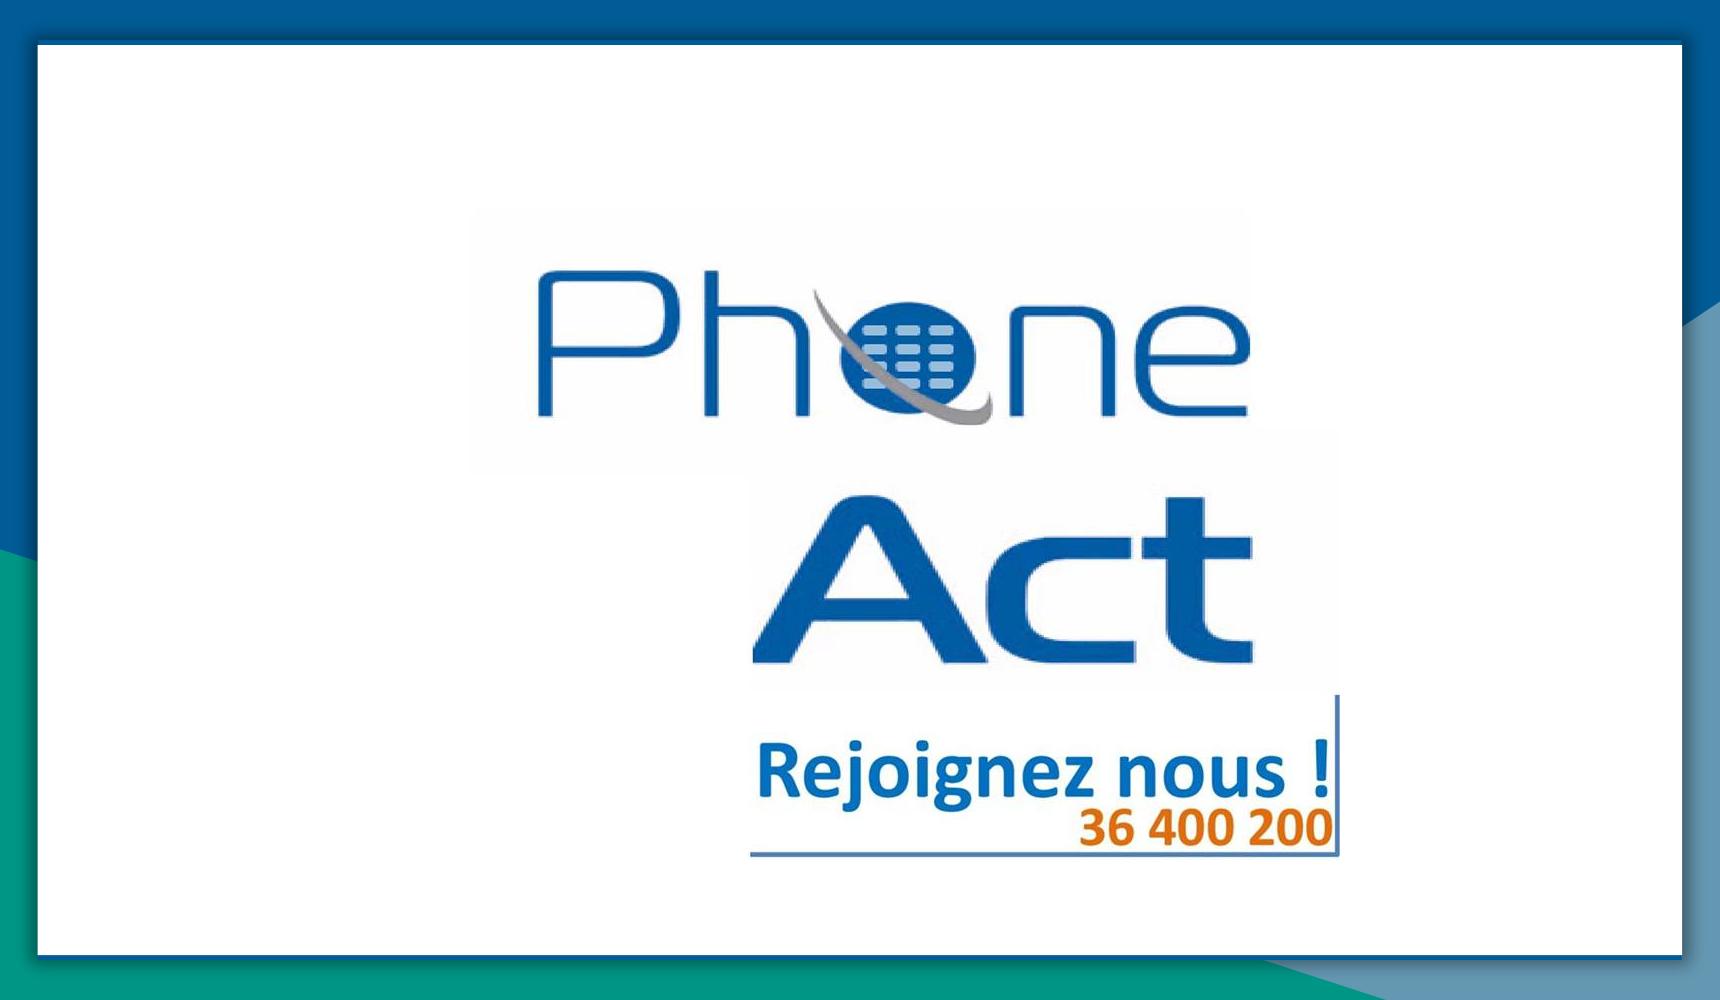 PhoneAct recrute Chargé de recouvrement